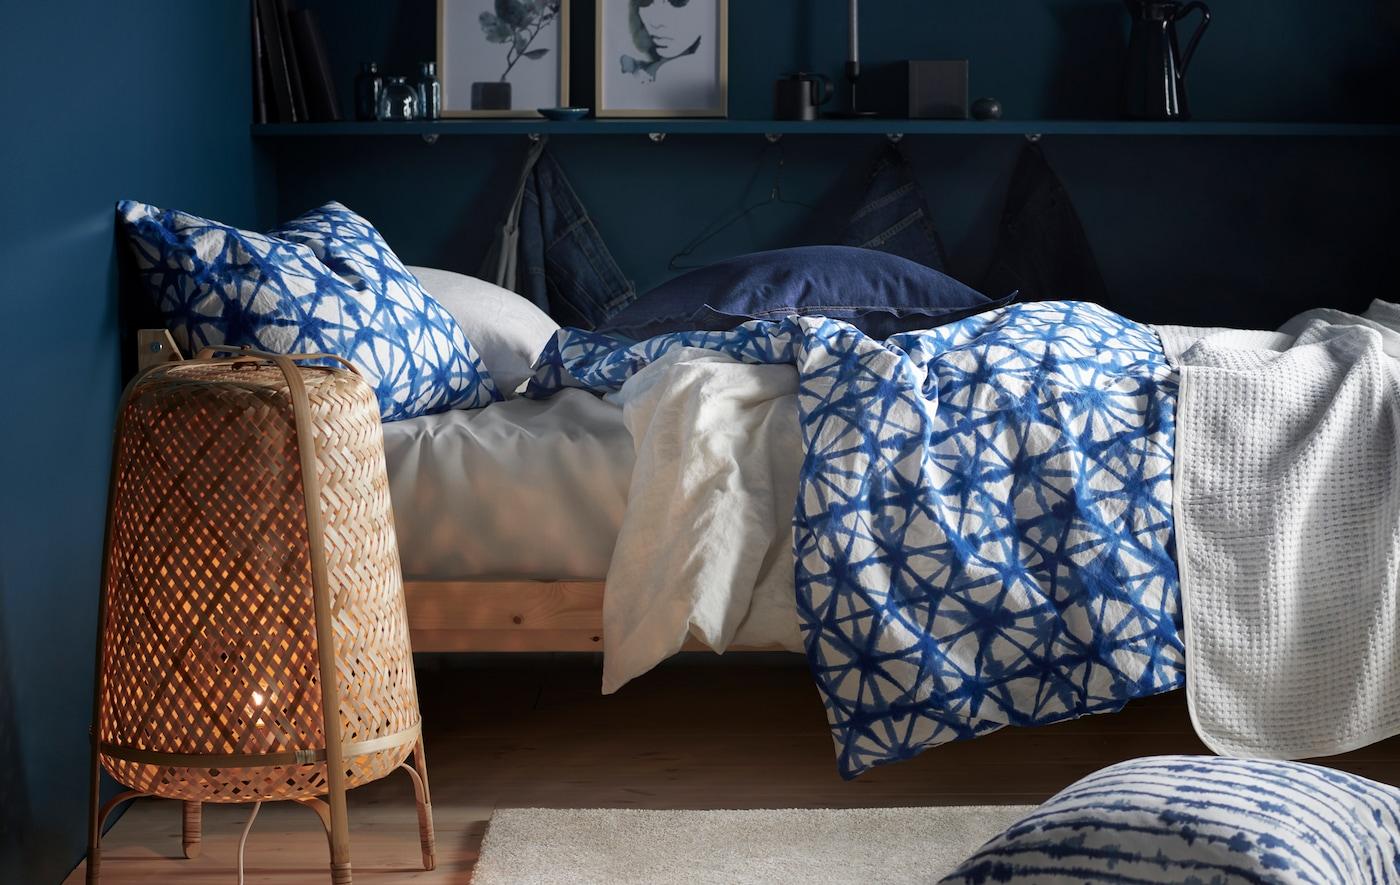 Een bed aangekleed met beddengoed met motief en een staande lamp van bamboe in een kamer met donkerblauwe muren.